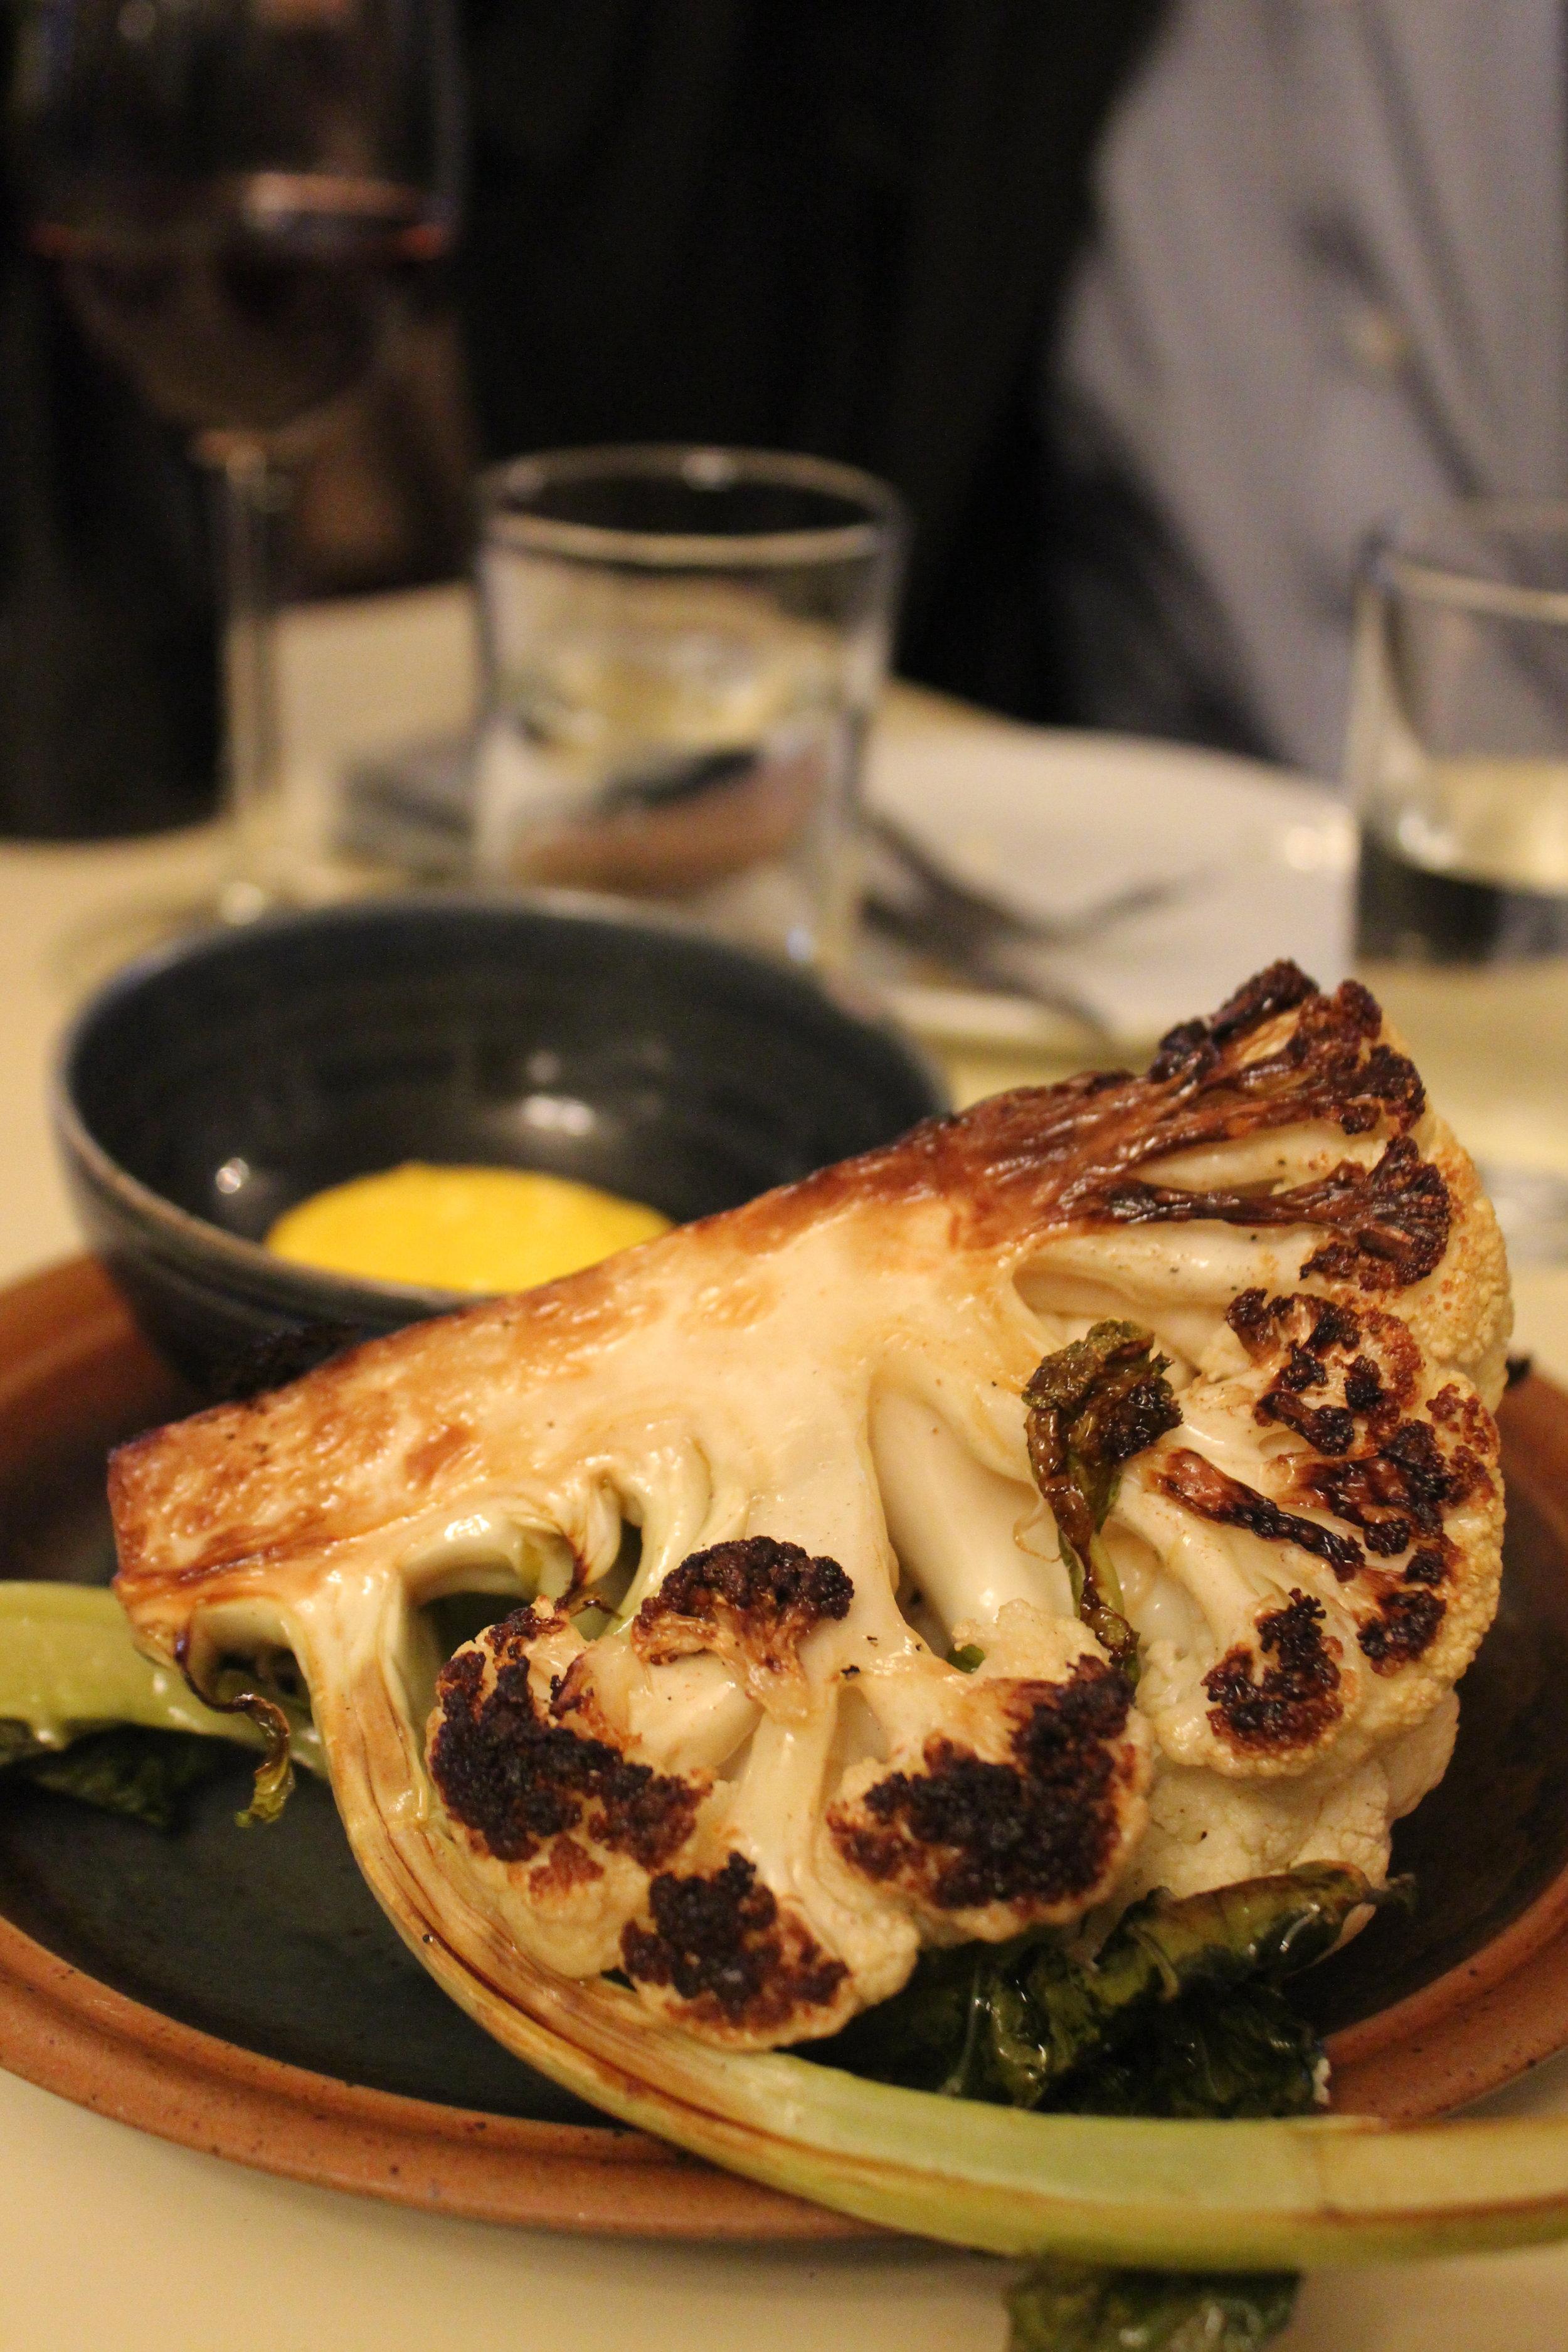 Cauliflower, saffron aioli at Au Passage